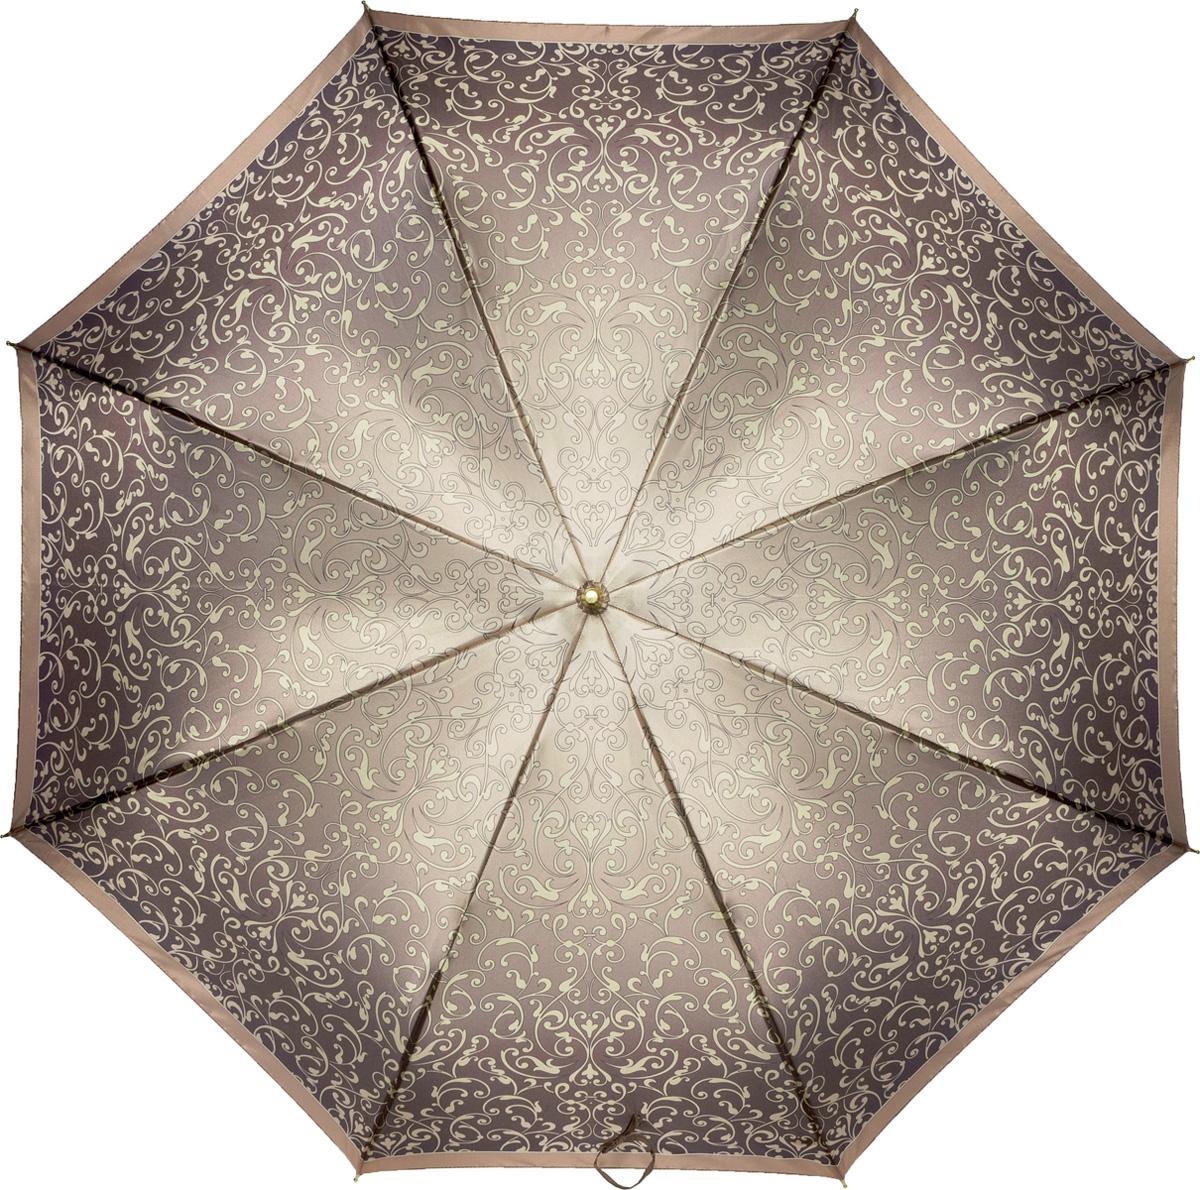 Зонт женский Fabretti, механика, трость, цвет: мультиколор. 16101610Зонт-трость женский Fabrett.С этим зонтом можно неспешно прогуливаться, не чувствуя особой тяжести, а как только начнется дождь, зонтик станет надежным укрытием благодаря большому куполу.